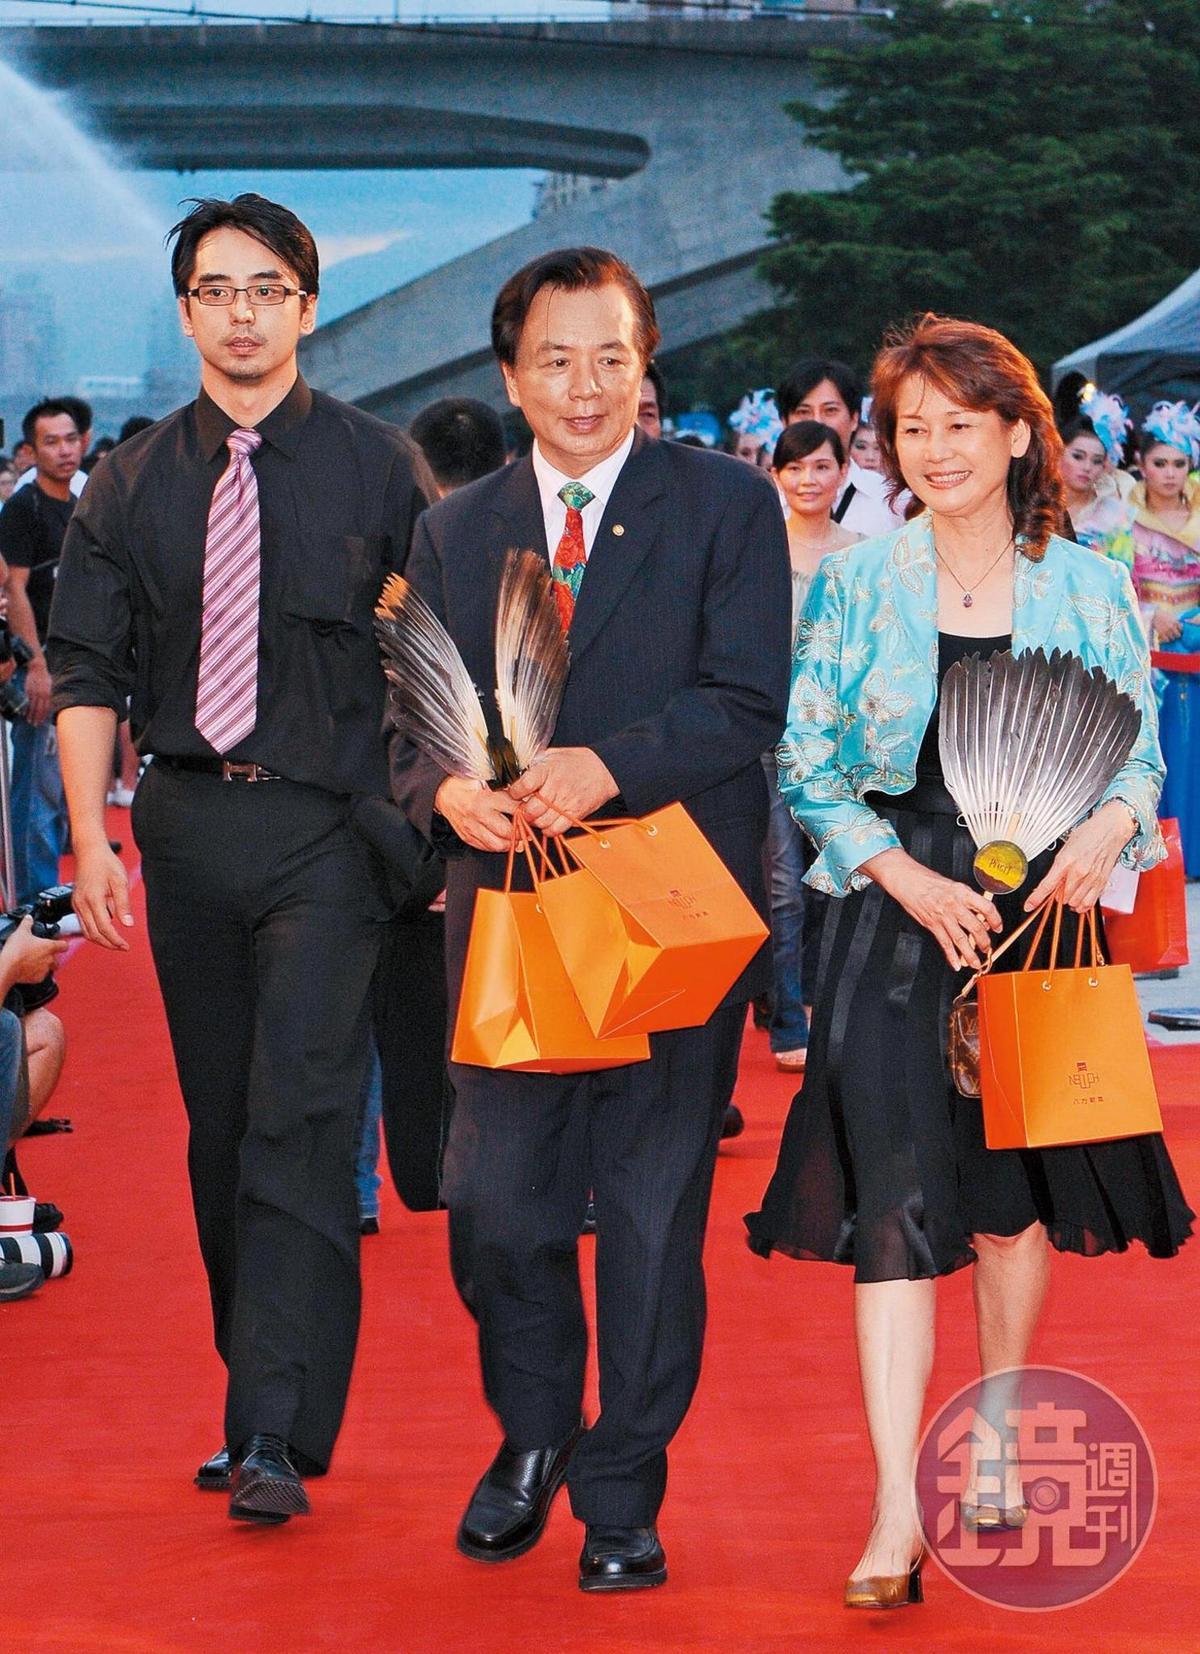 林志玲為了重回爸爸林繁男(中)的故鄉台南,特地選在當地舉辦婚宴。